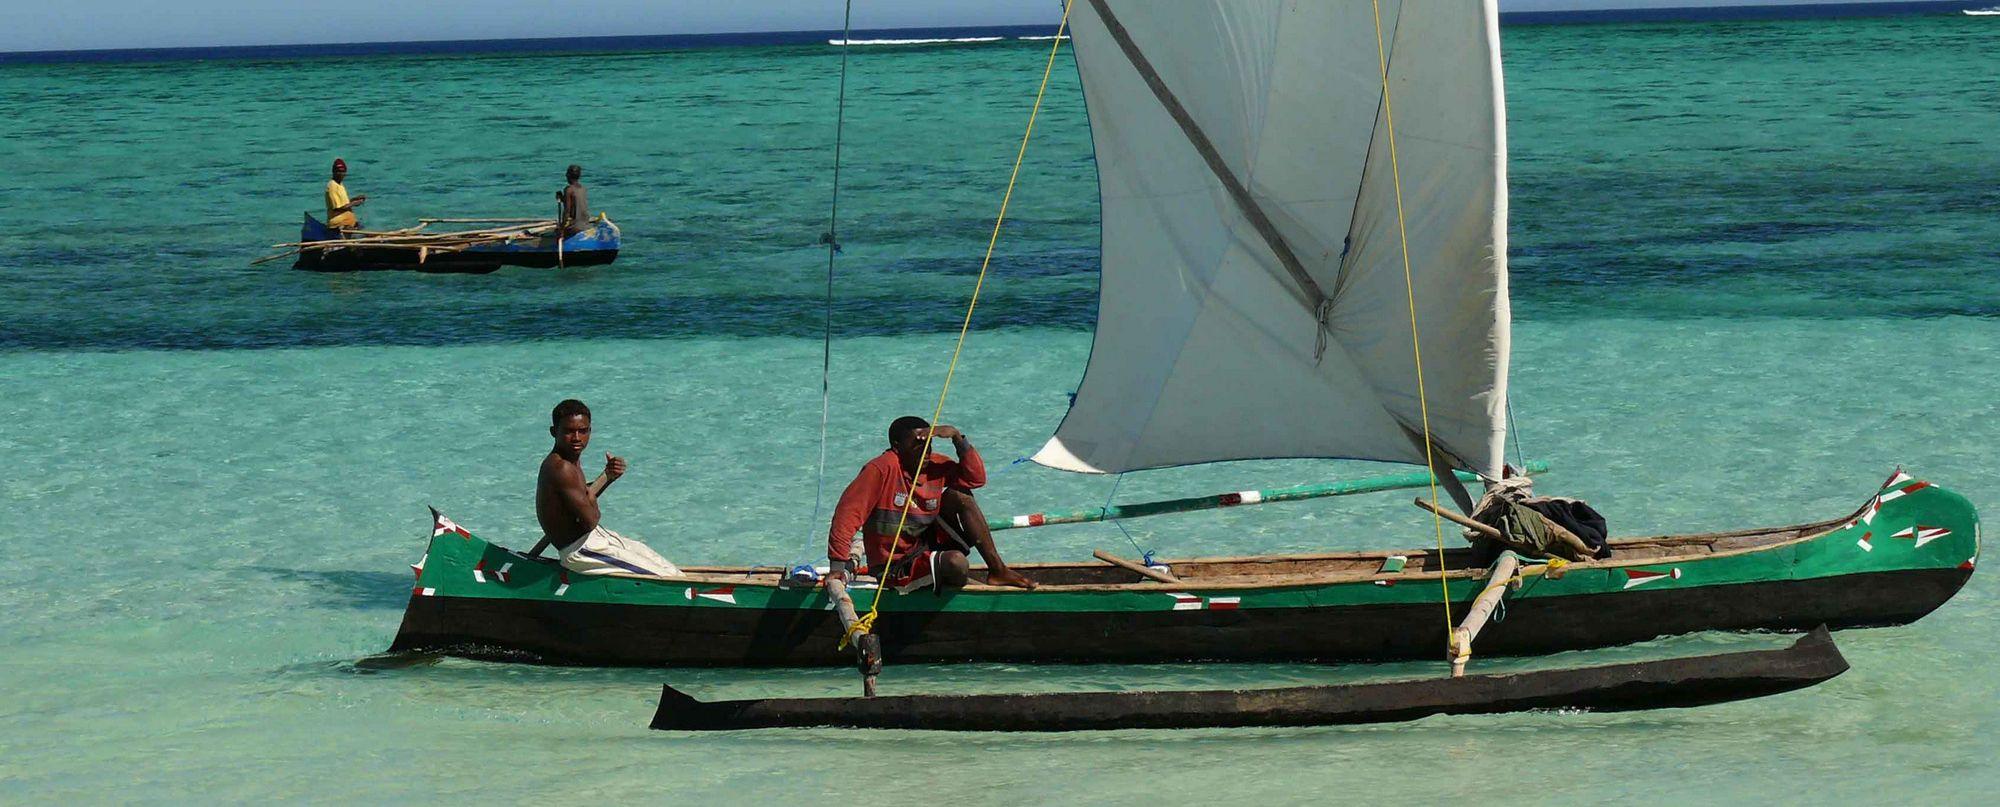 Madagascar - Experiencia Madagascar. Tsingys, Travesía costa oeste y el sur.